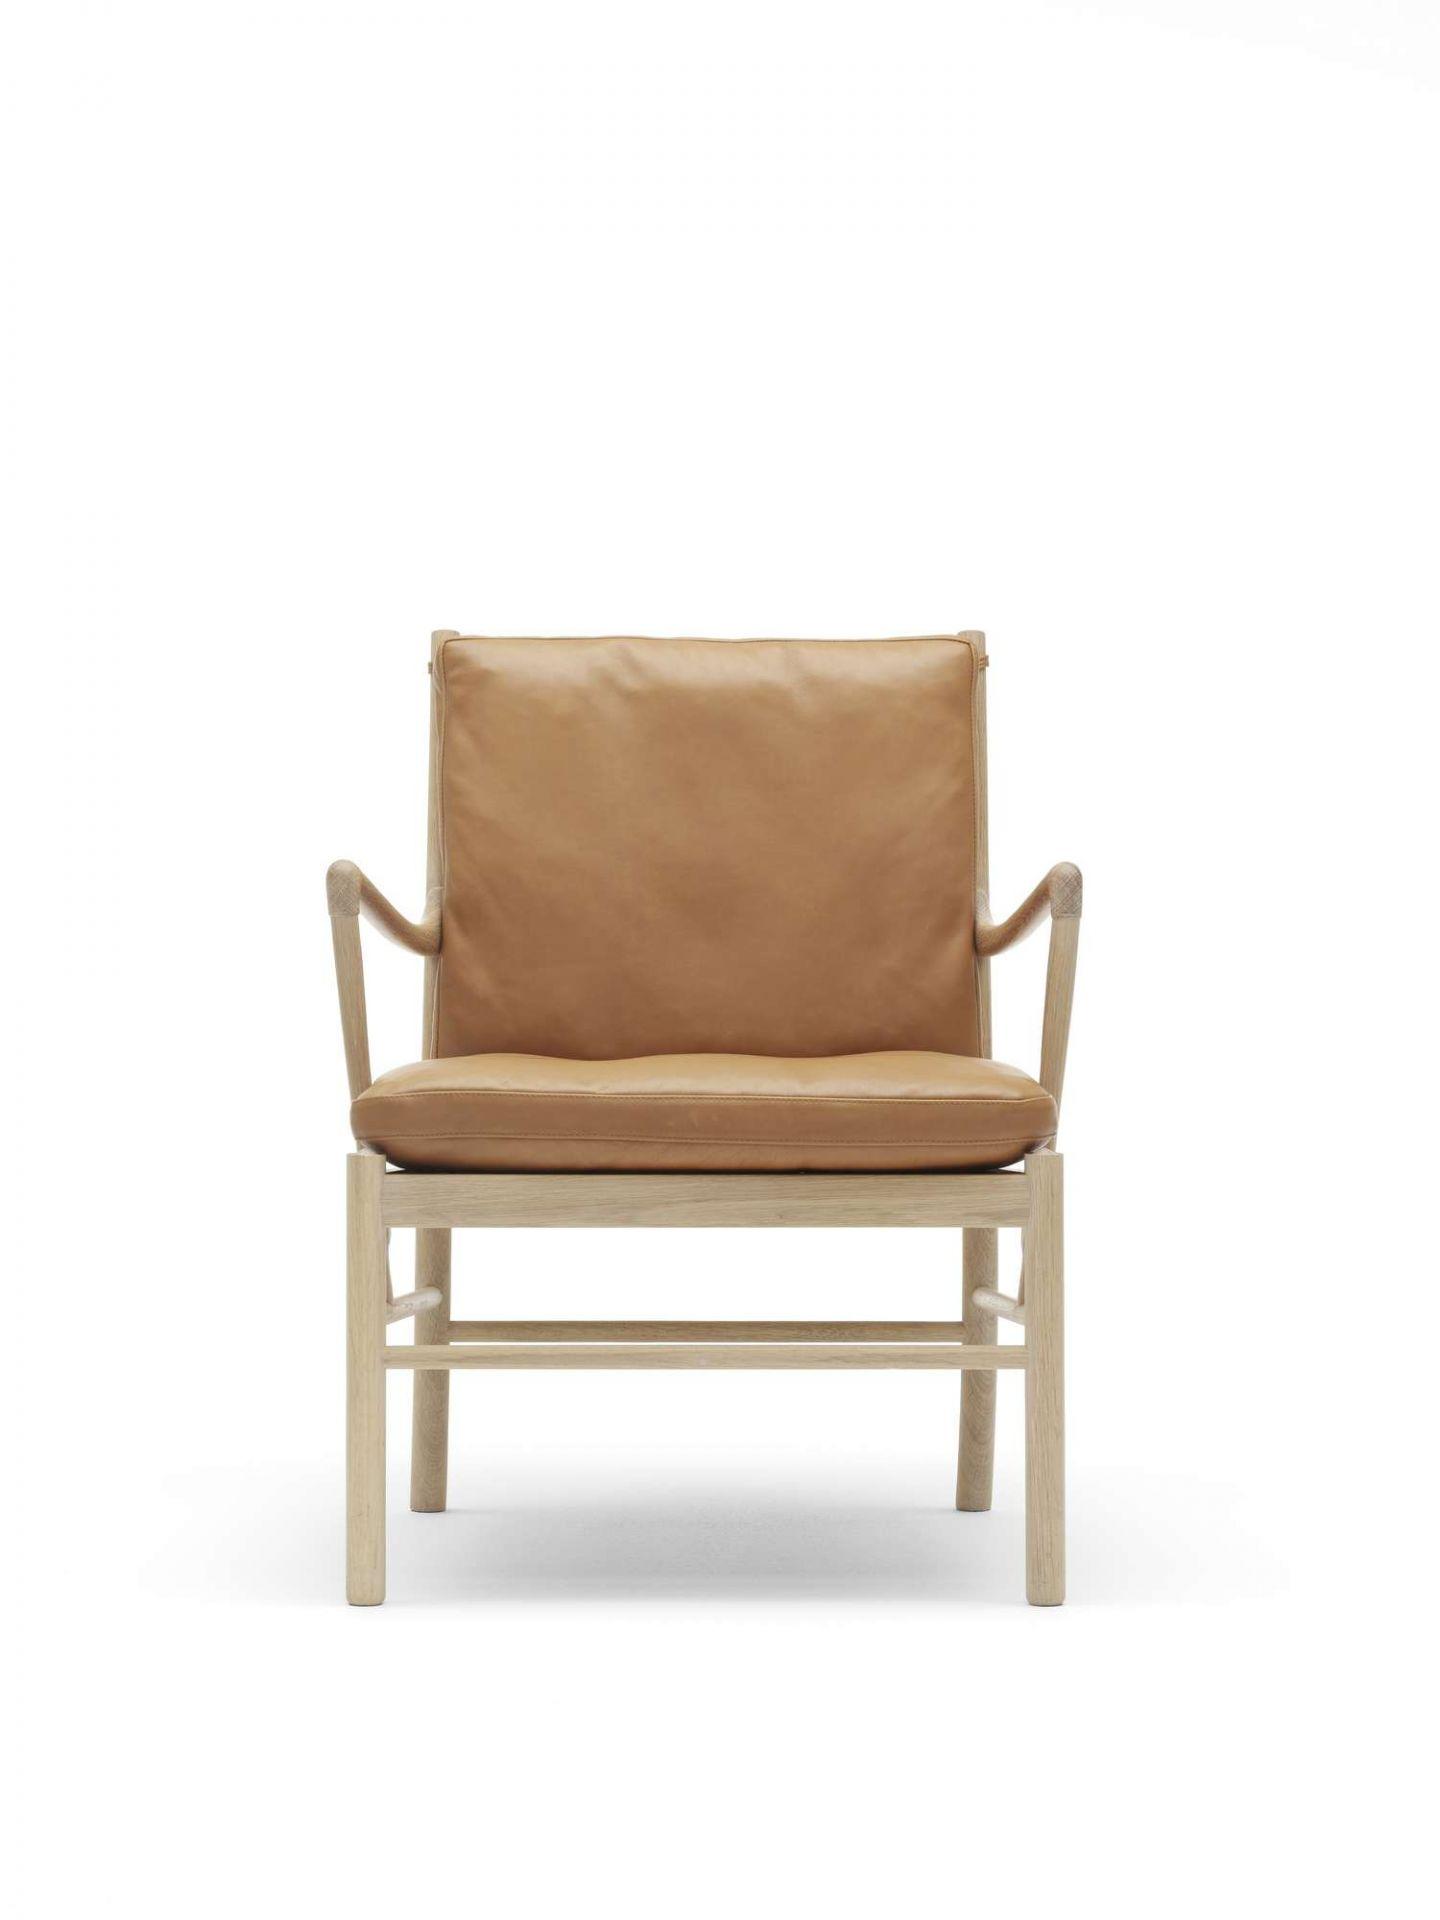 OW149 Colonial Chair Stuhl Carl Hansen & Søn